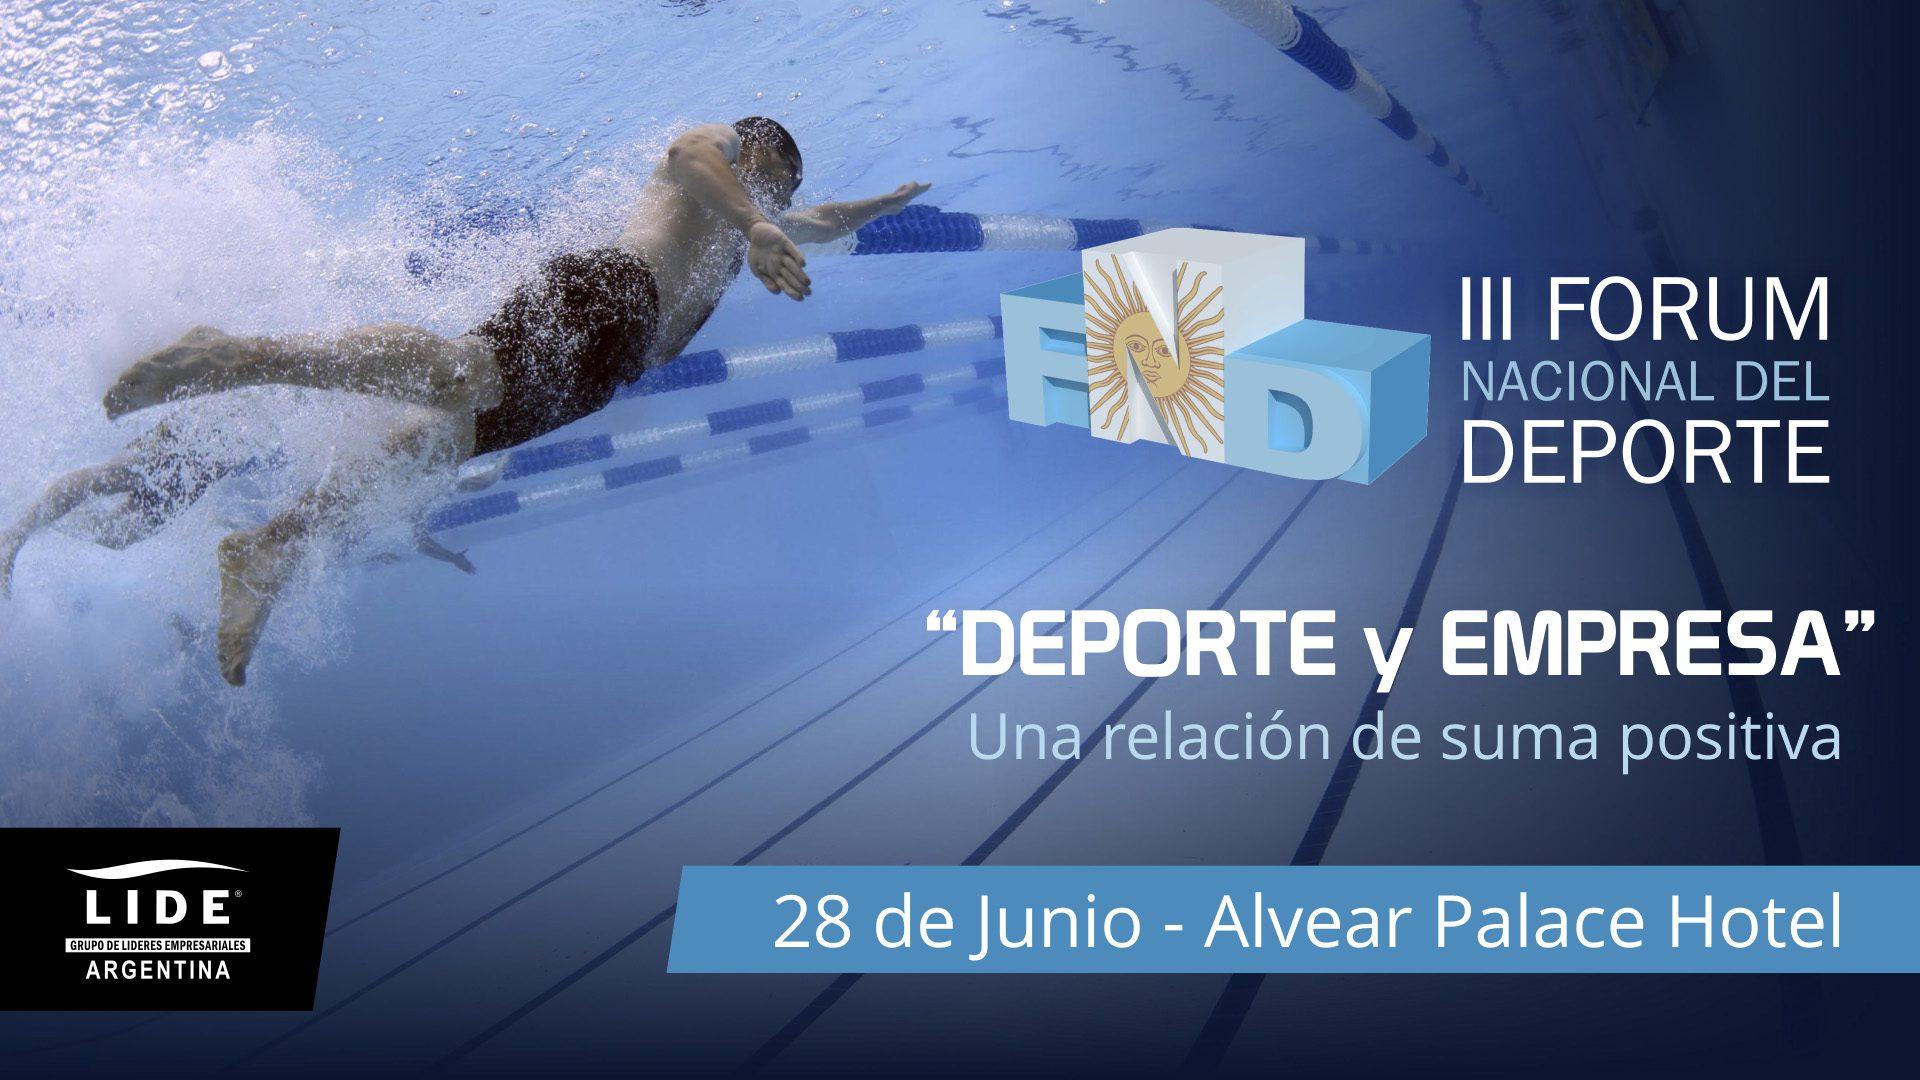 Se viene el 3° Fórum Nacional del Deporte, con espacio para las disciplinas paralímpicas